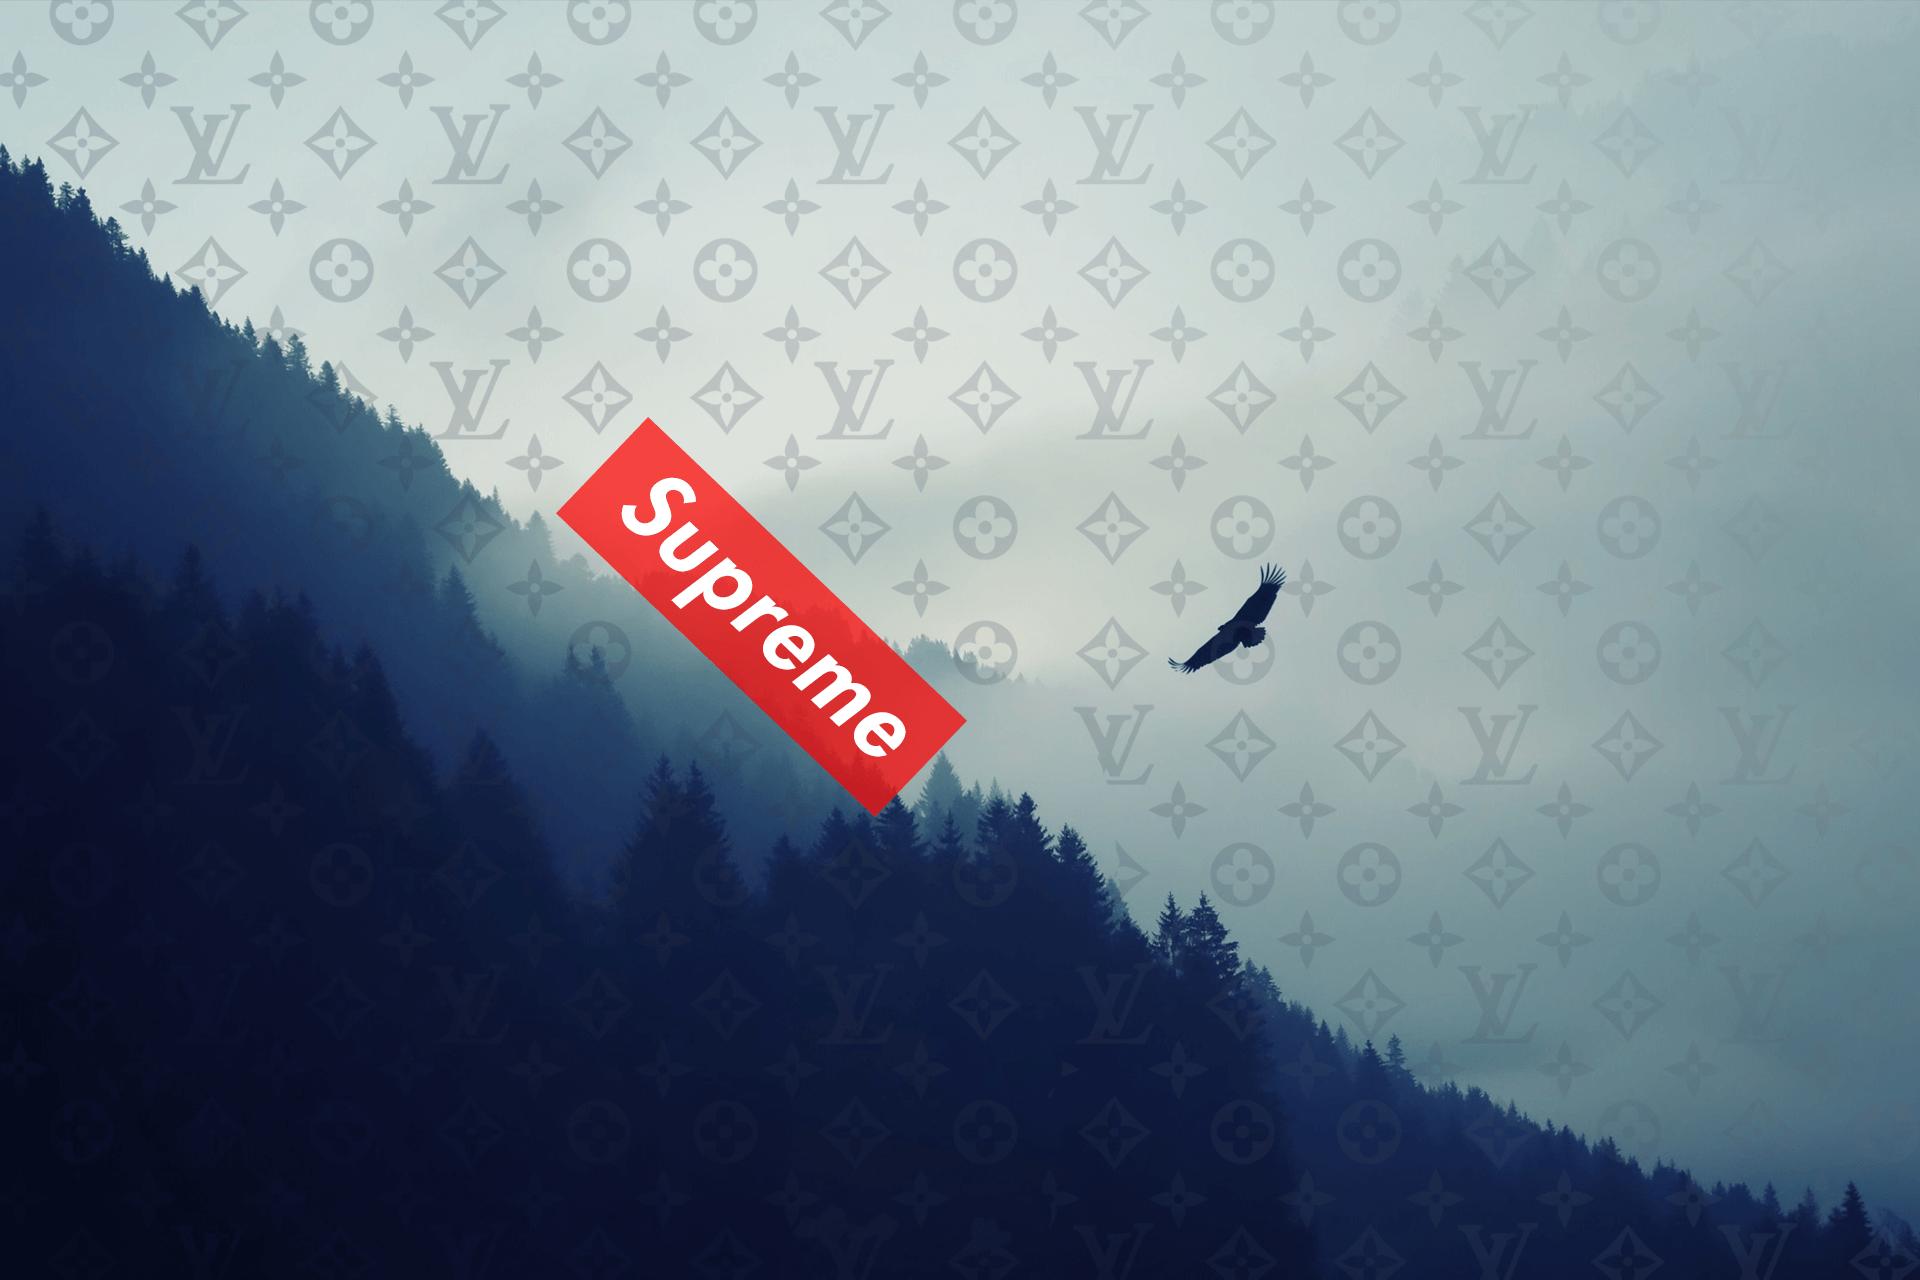 Supreme Louis Vuitton Wallpaper 4k Supreme 851402 Hd